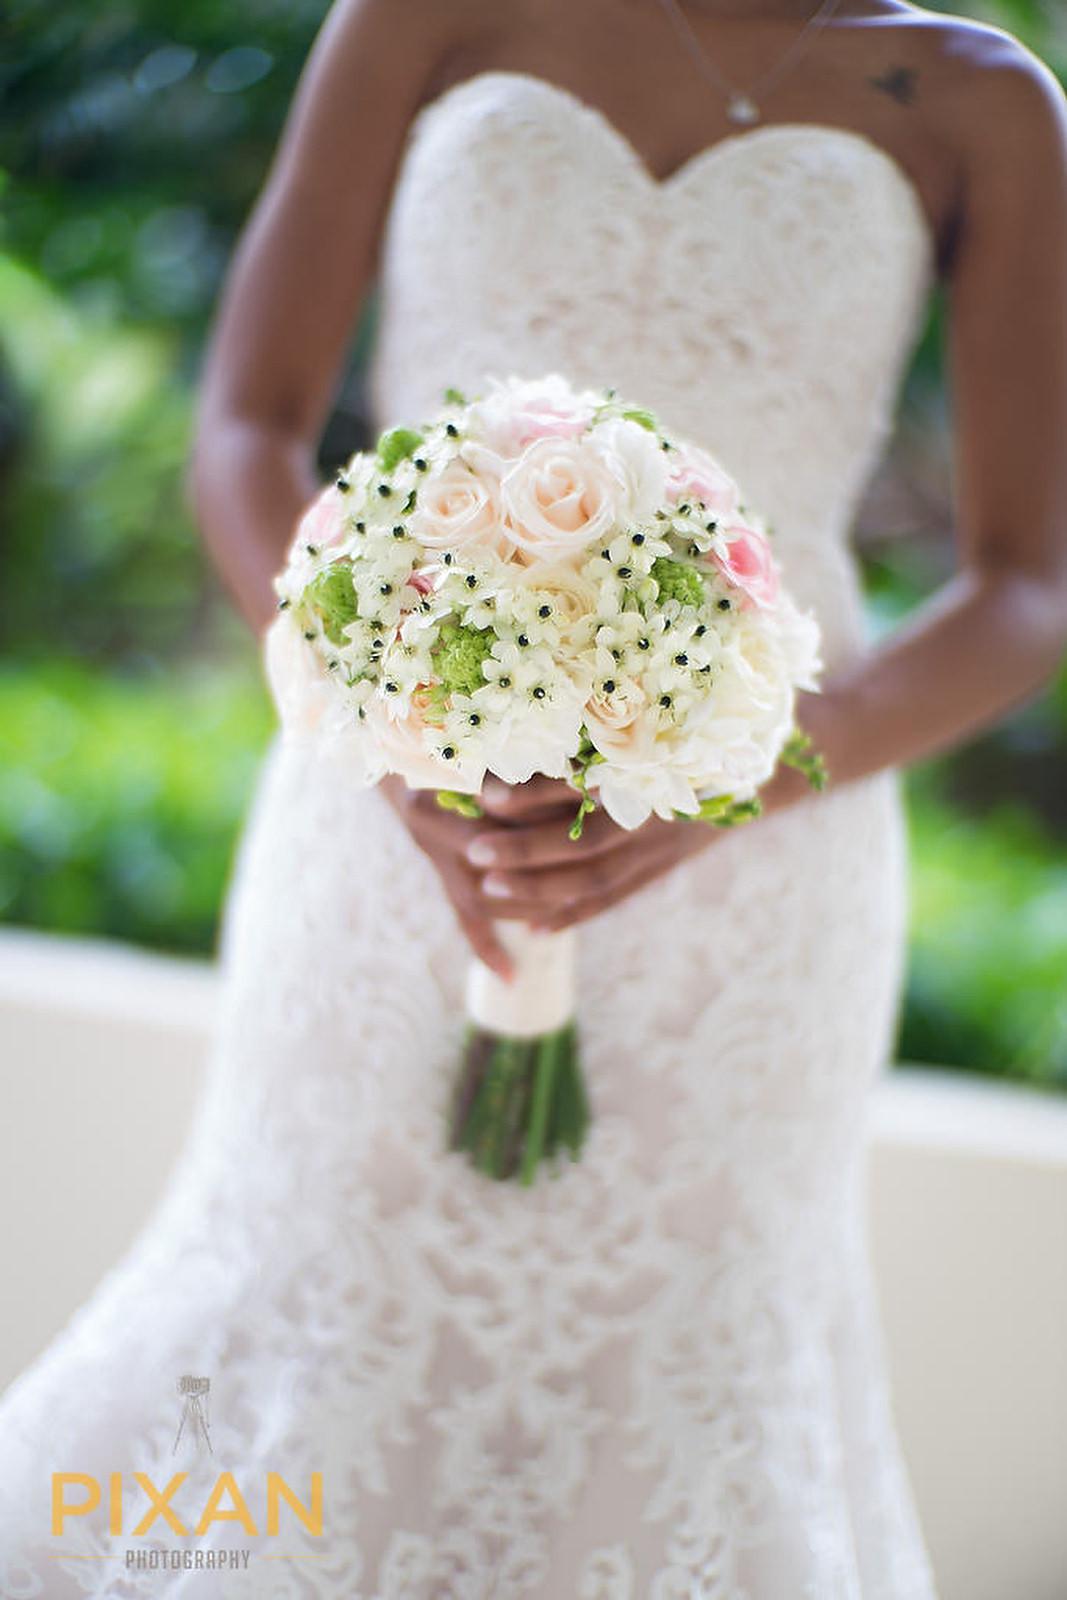 Hyatt Ziva Cancun brides bouque